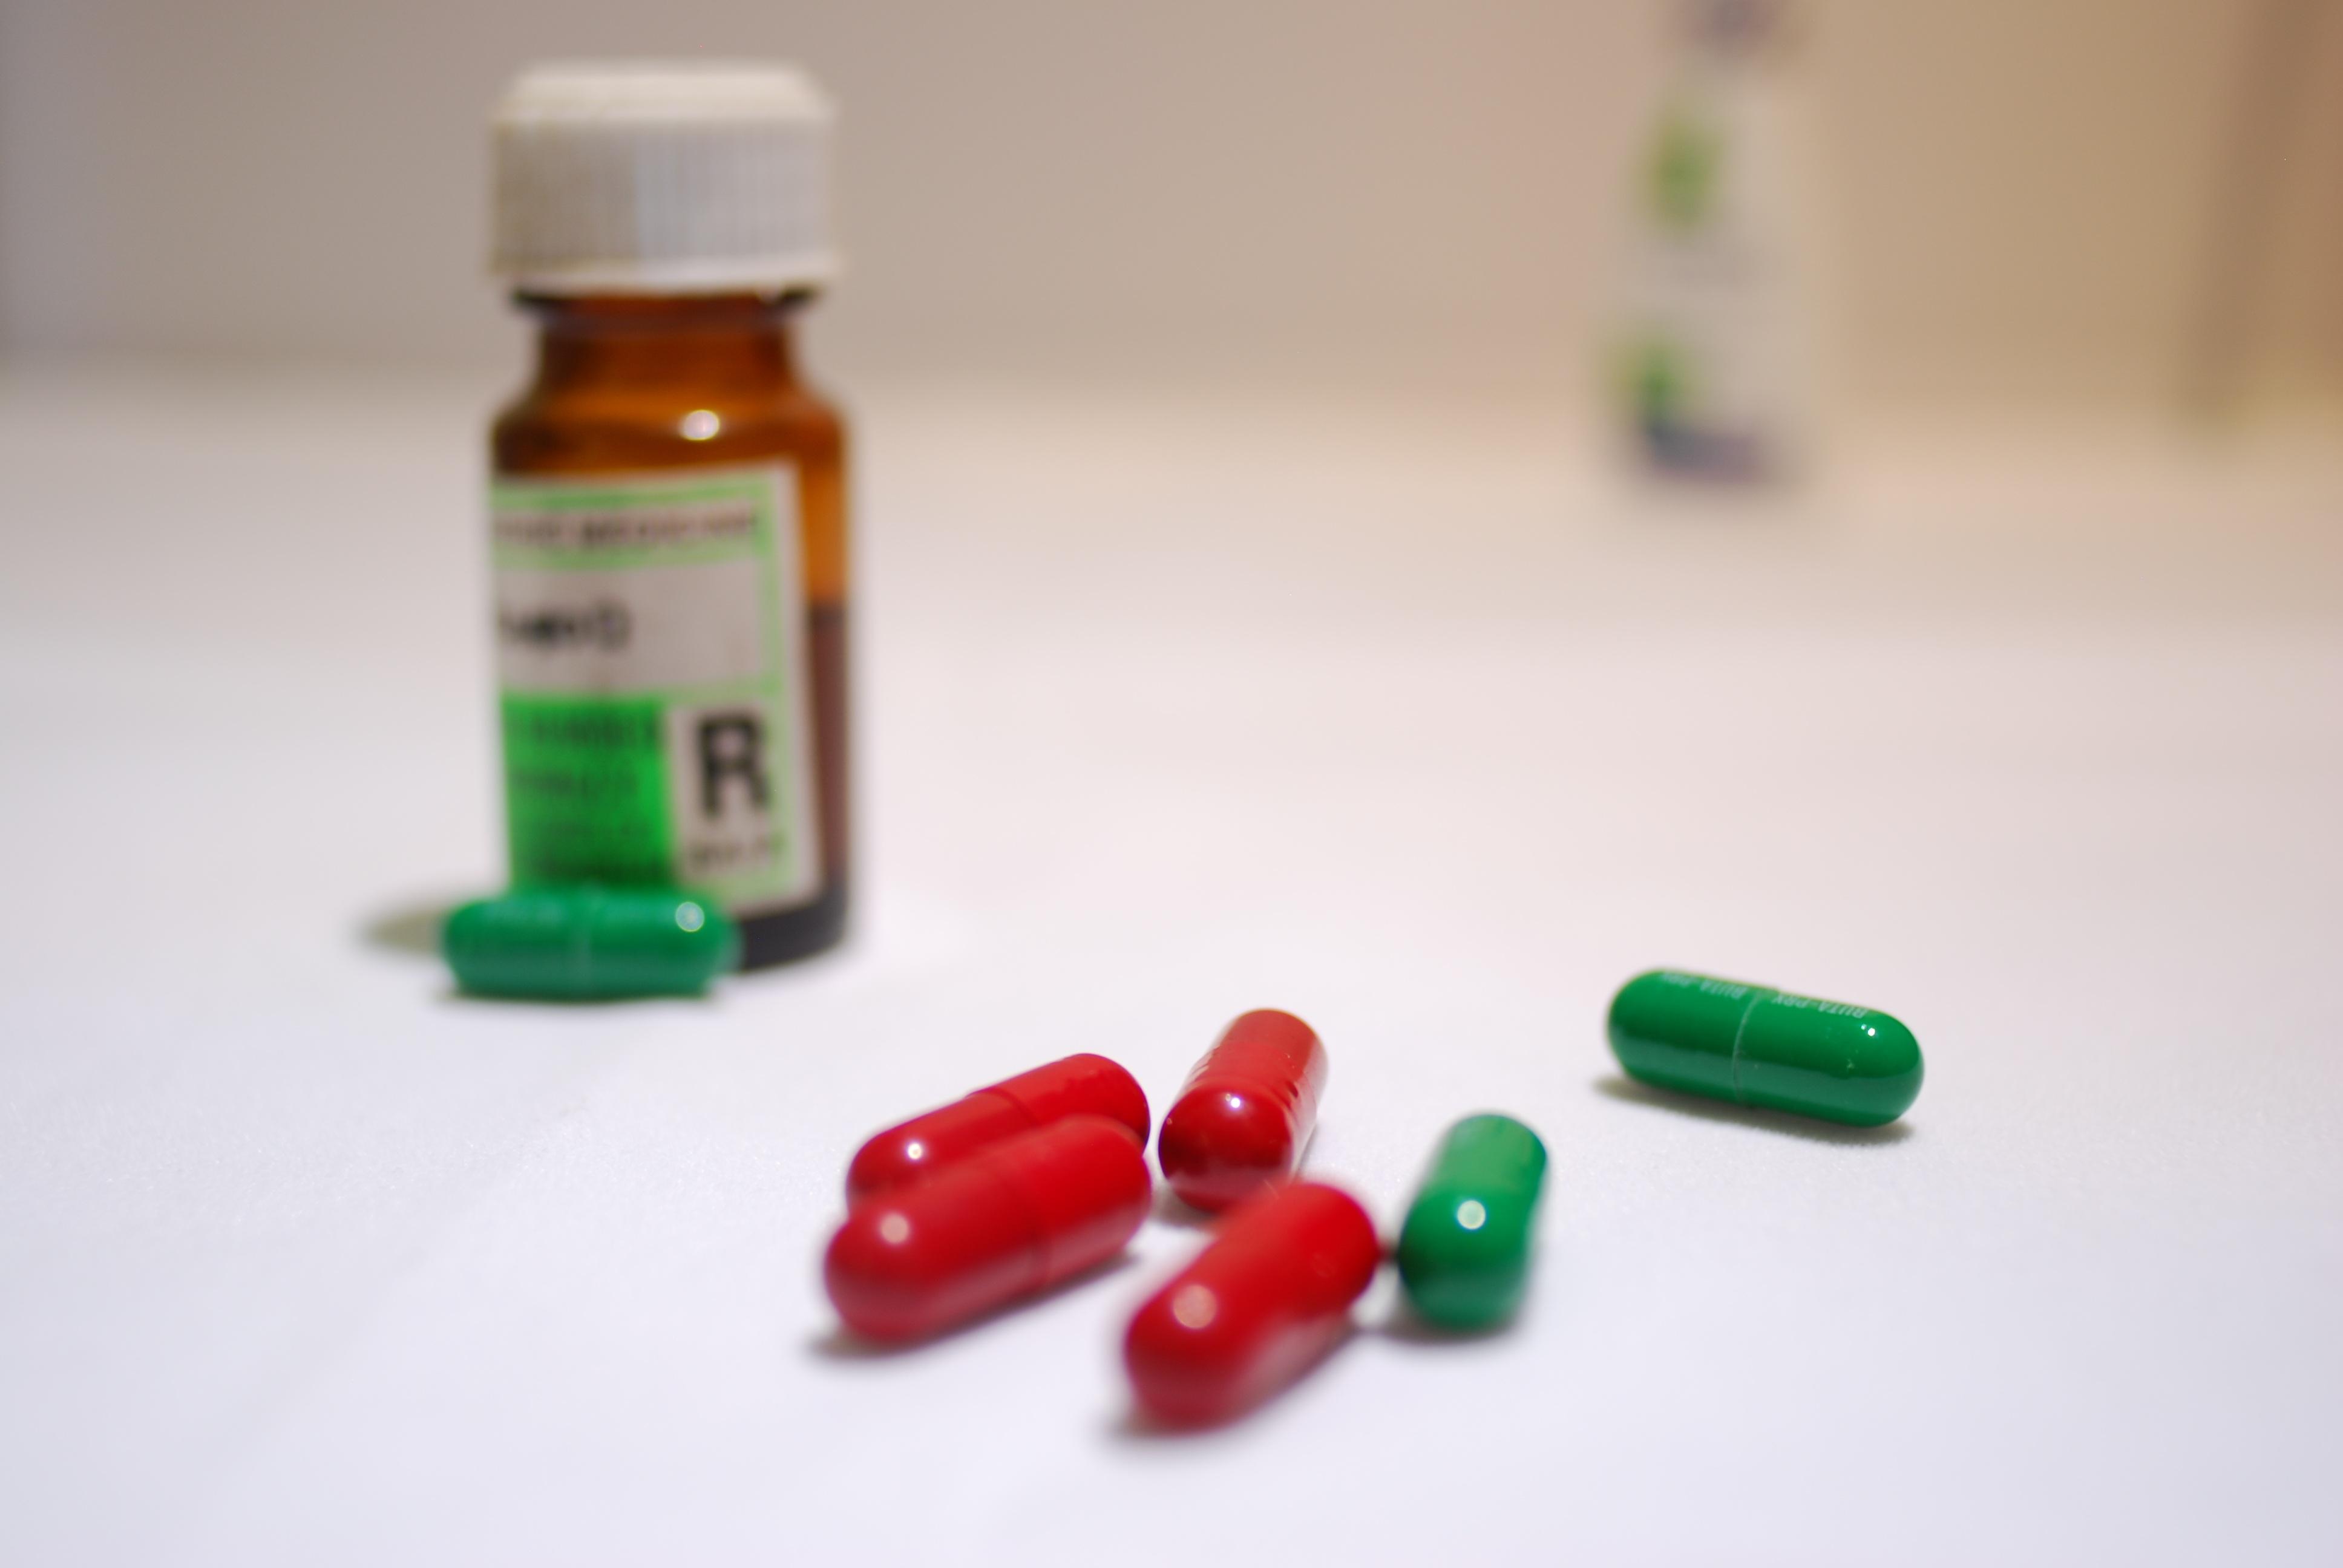 Affordable Medicine for Africa